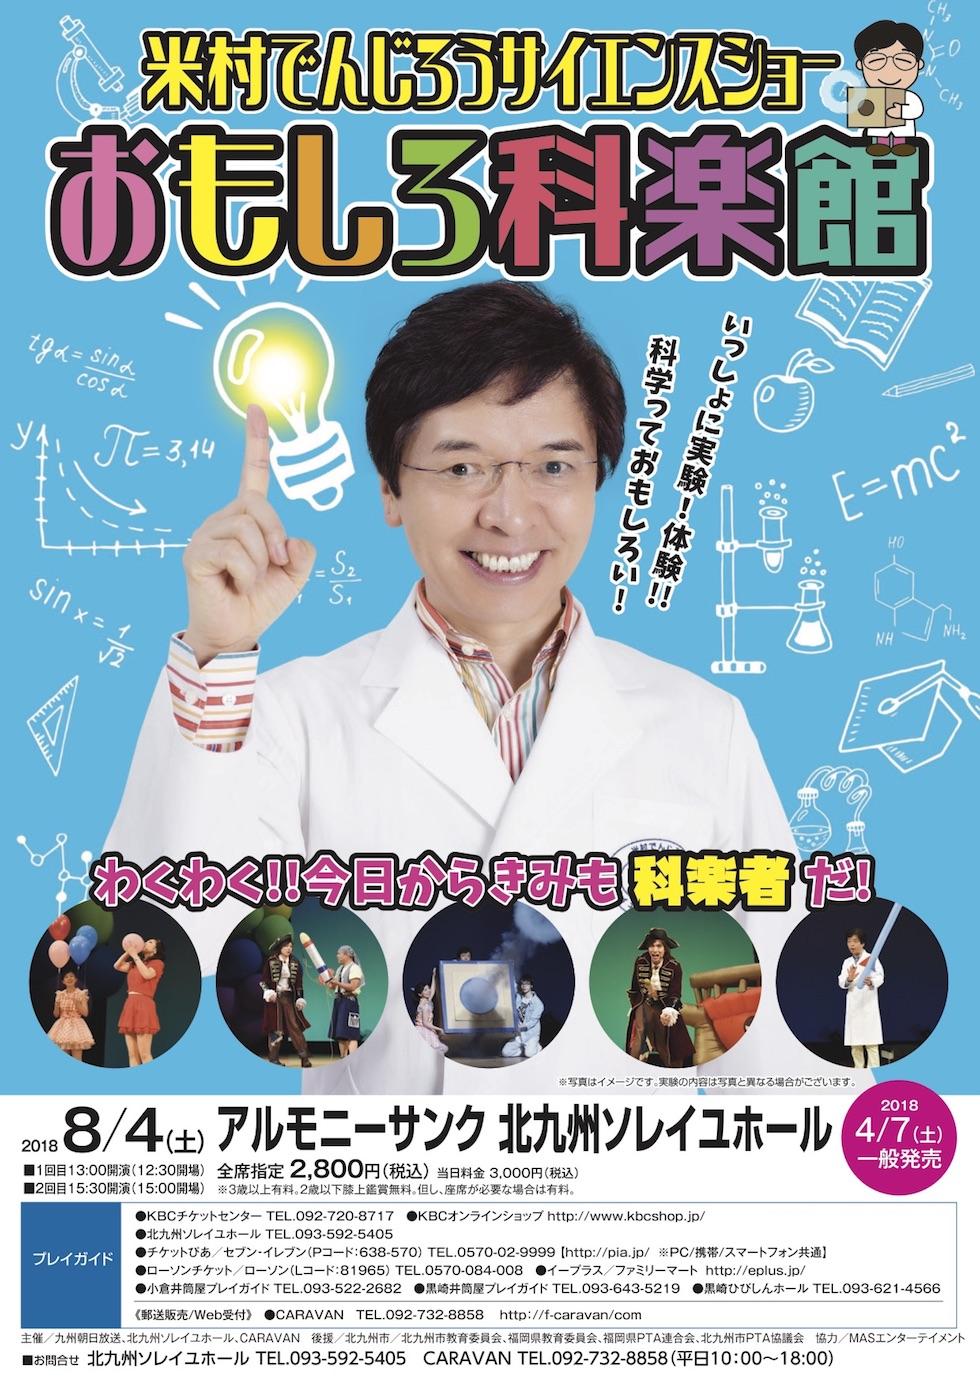 米村でんじろう サイエンスショー 「おもしろ科楽館」